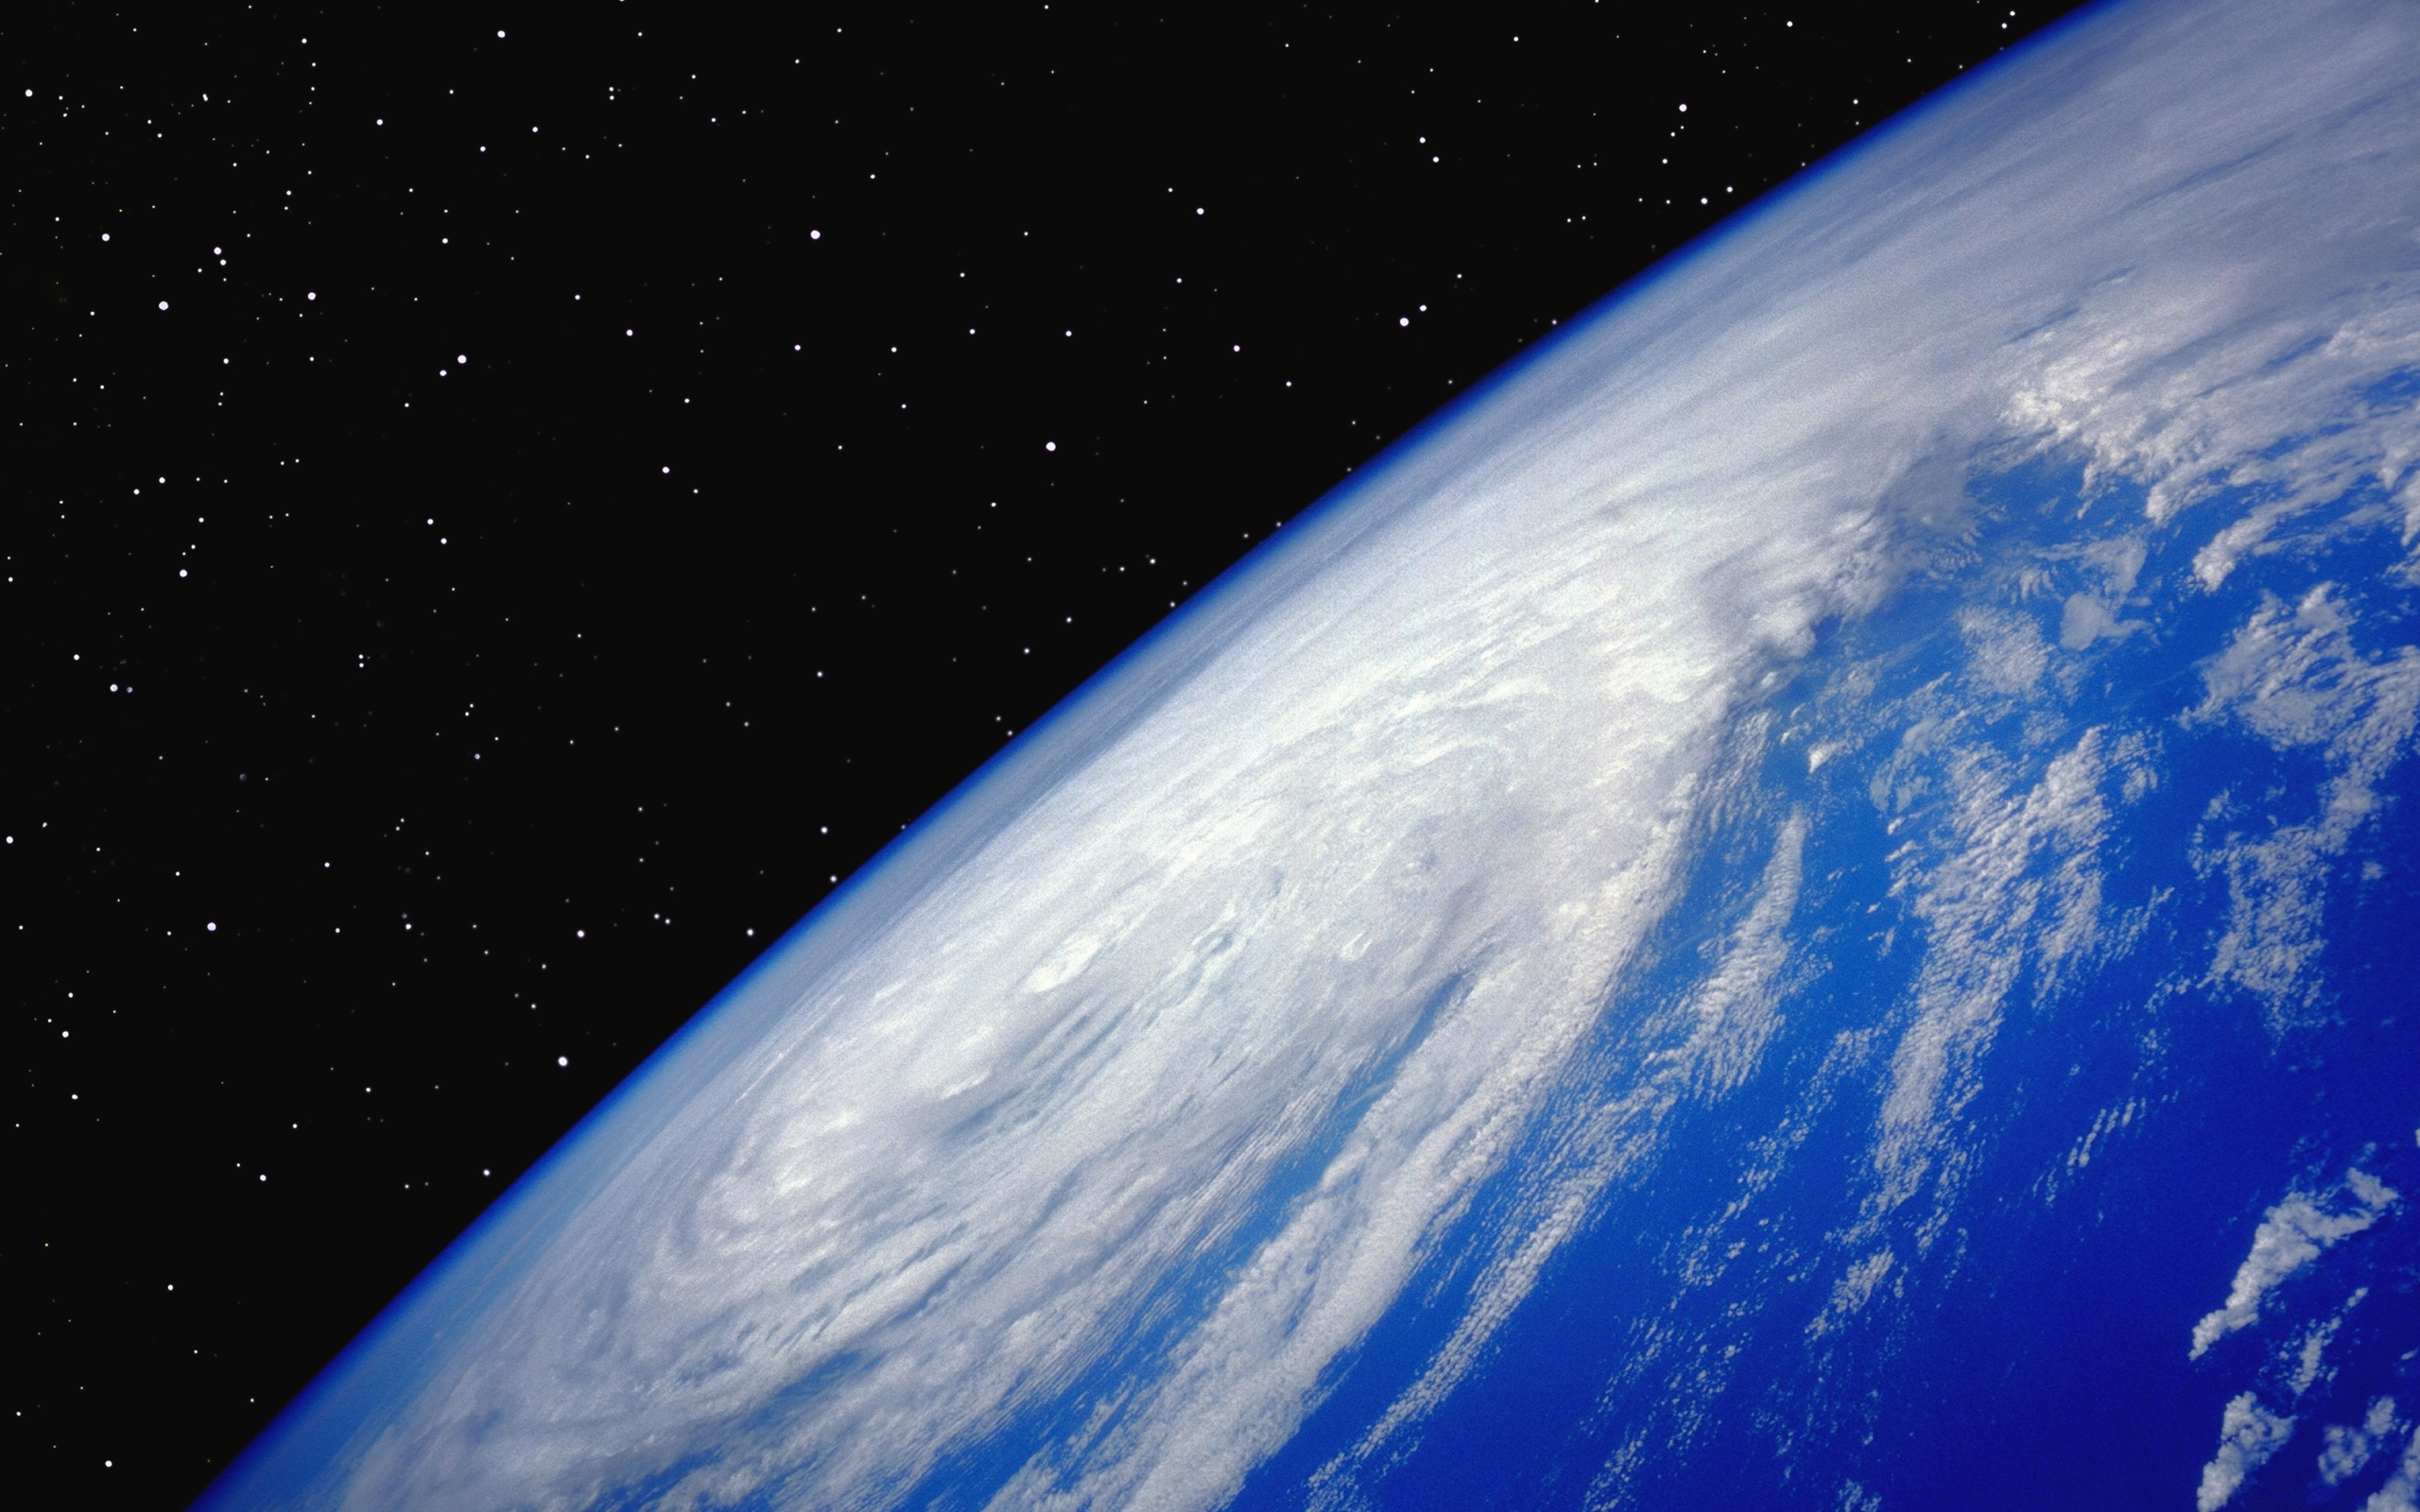 背景 壁纸 皮肤 星空 宇宙 桌面 2560_1600图片